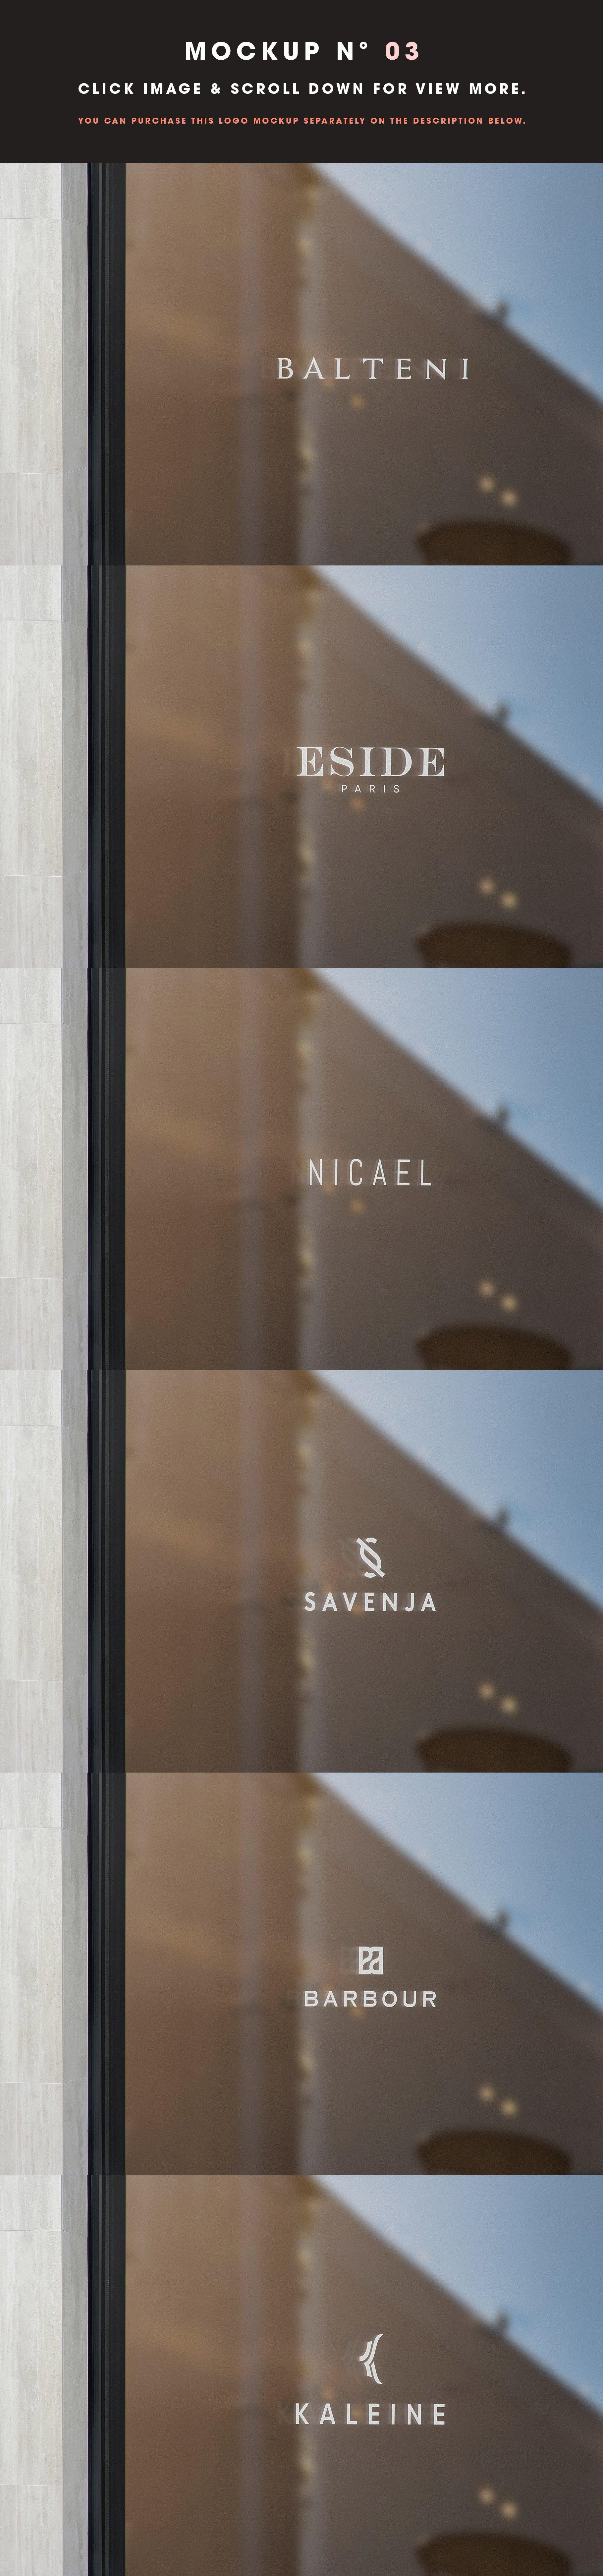 [单独购买] 25款街头门店玻璃窗户徽标标牌Logo设计展示样机模板合集 25 Window Signs Logo Mockups – V2插图5